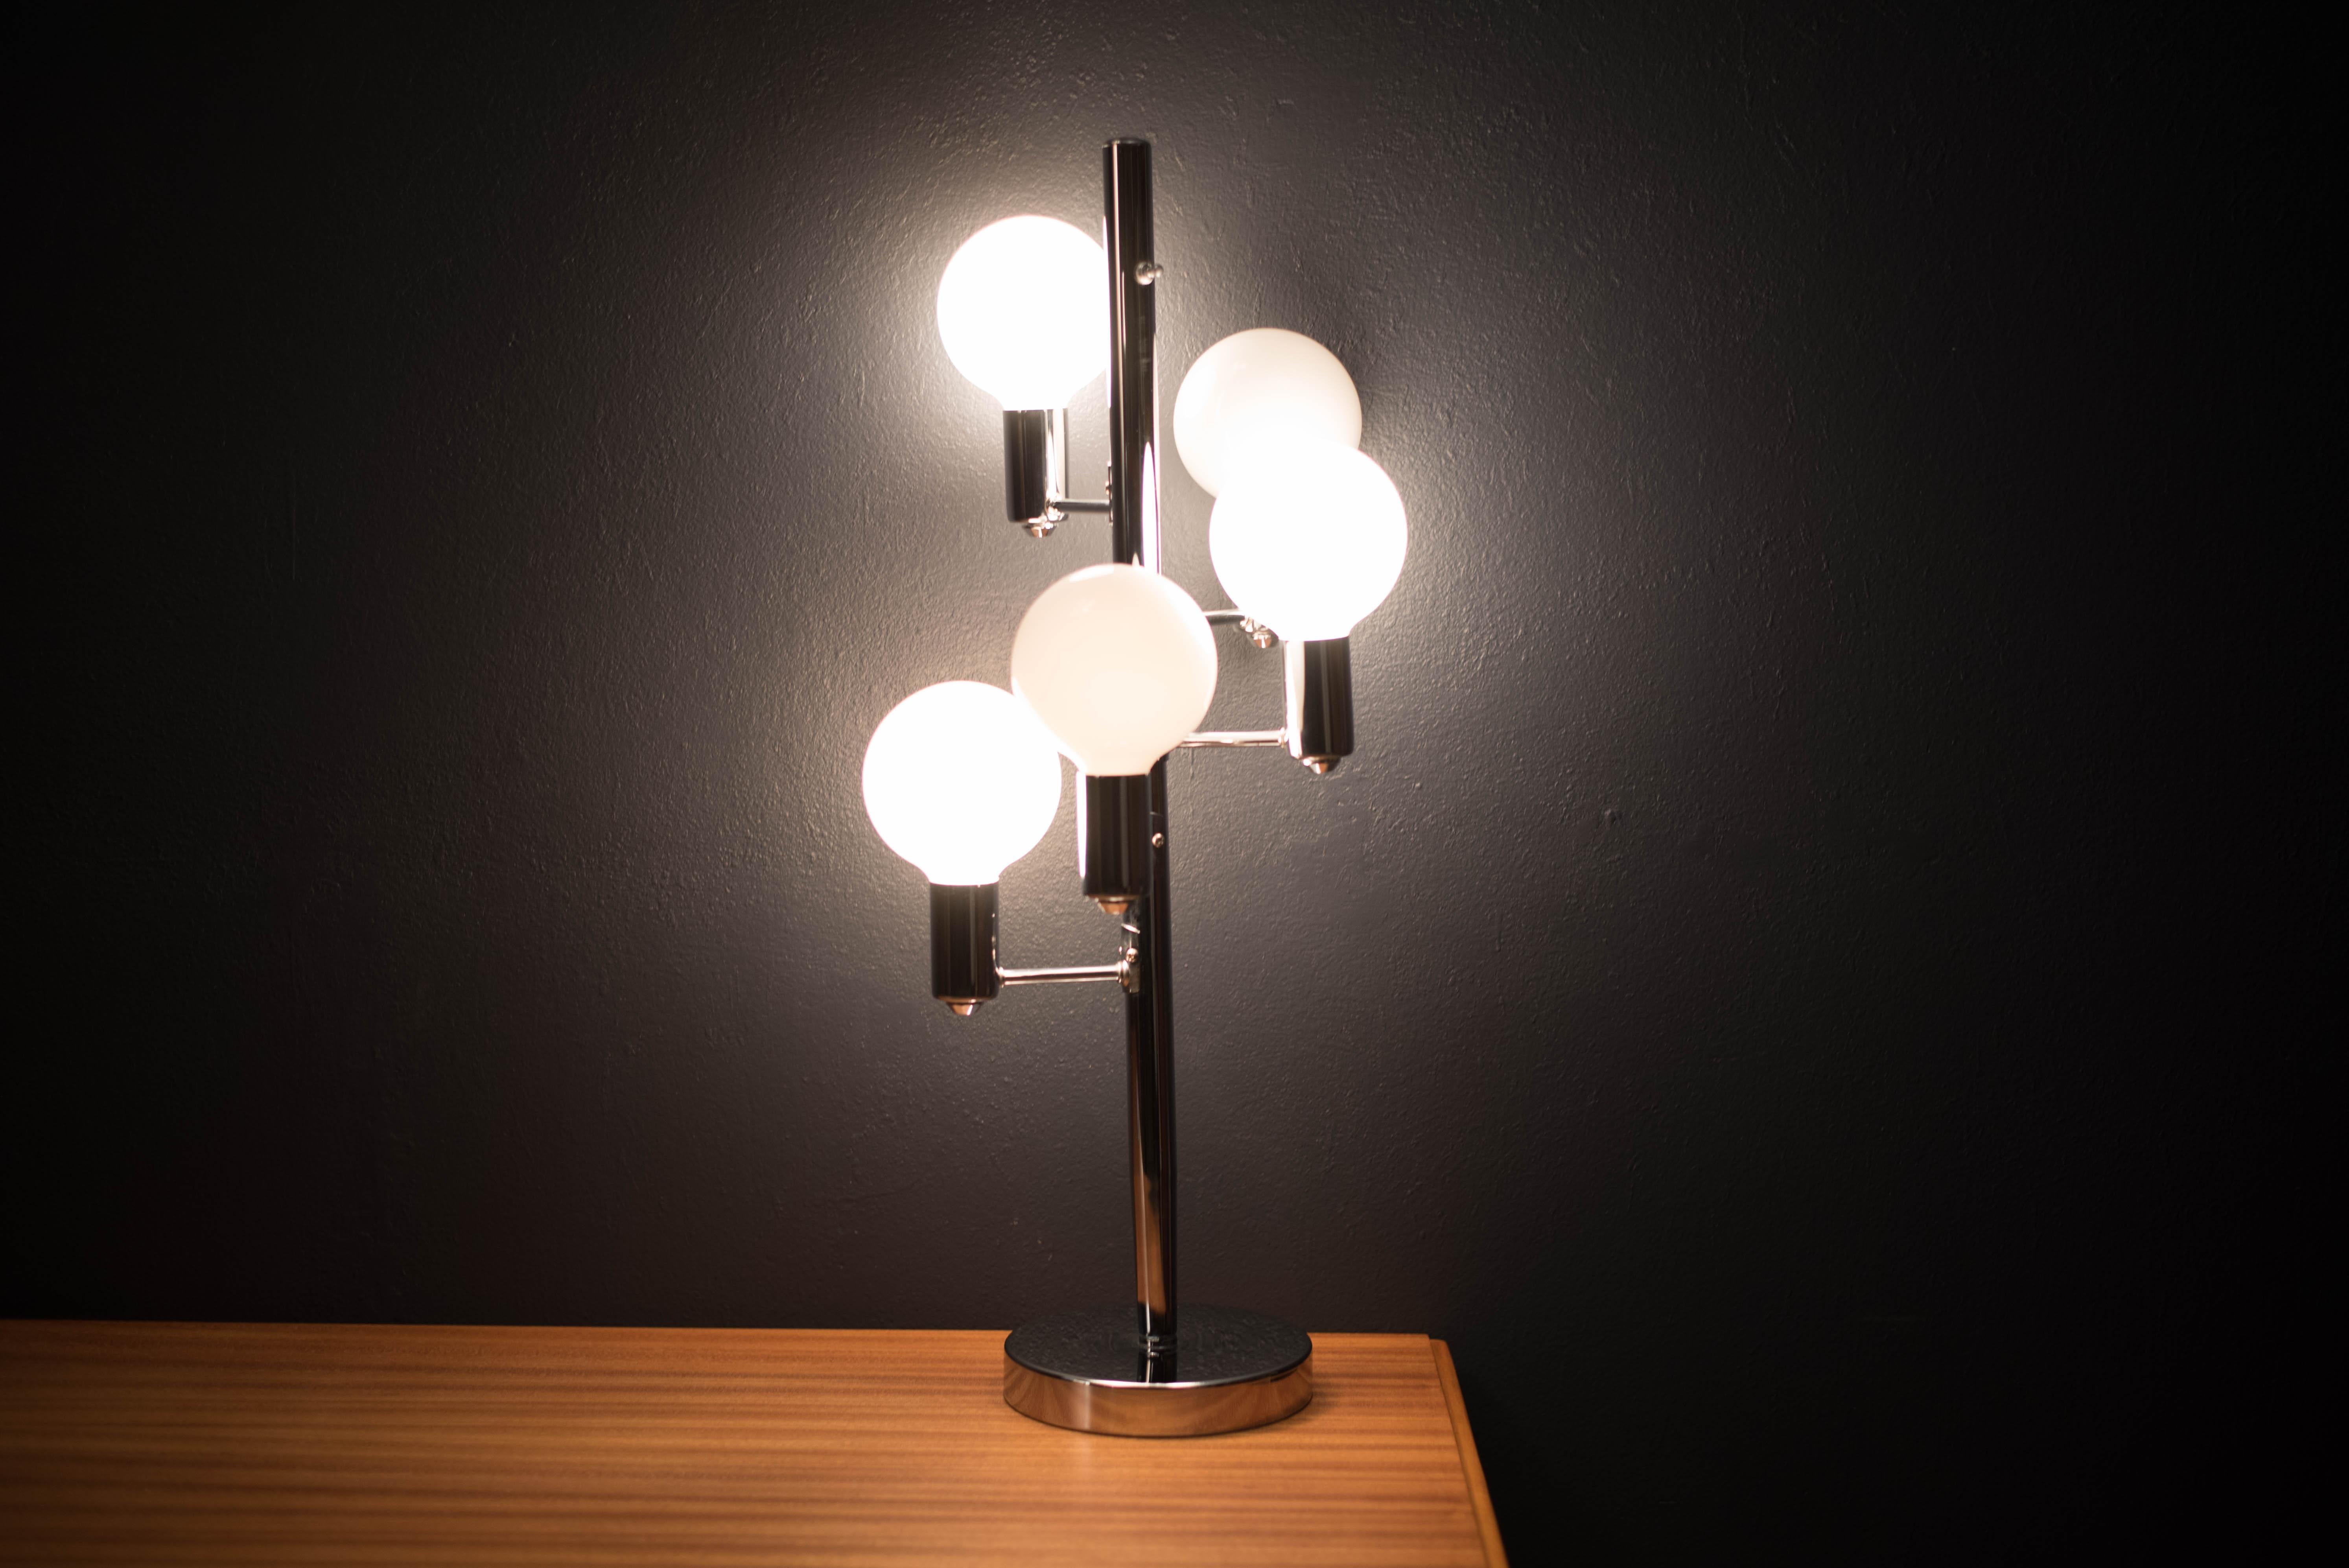 Moderne Lampen 8 : Mid century moderne chrom globe lampe im angebot bei stdibs